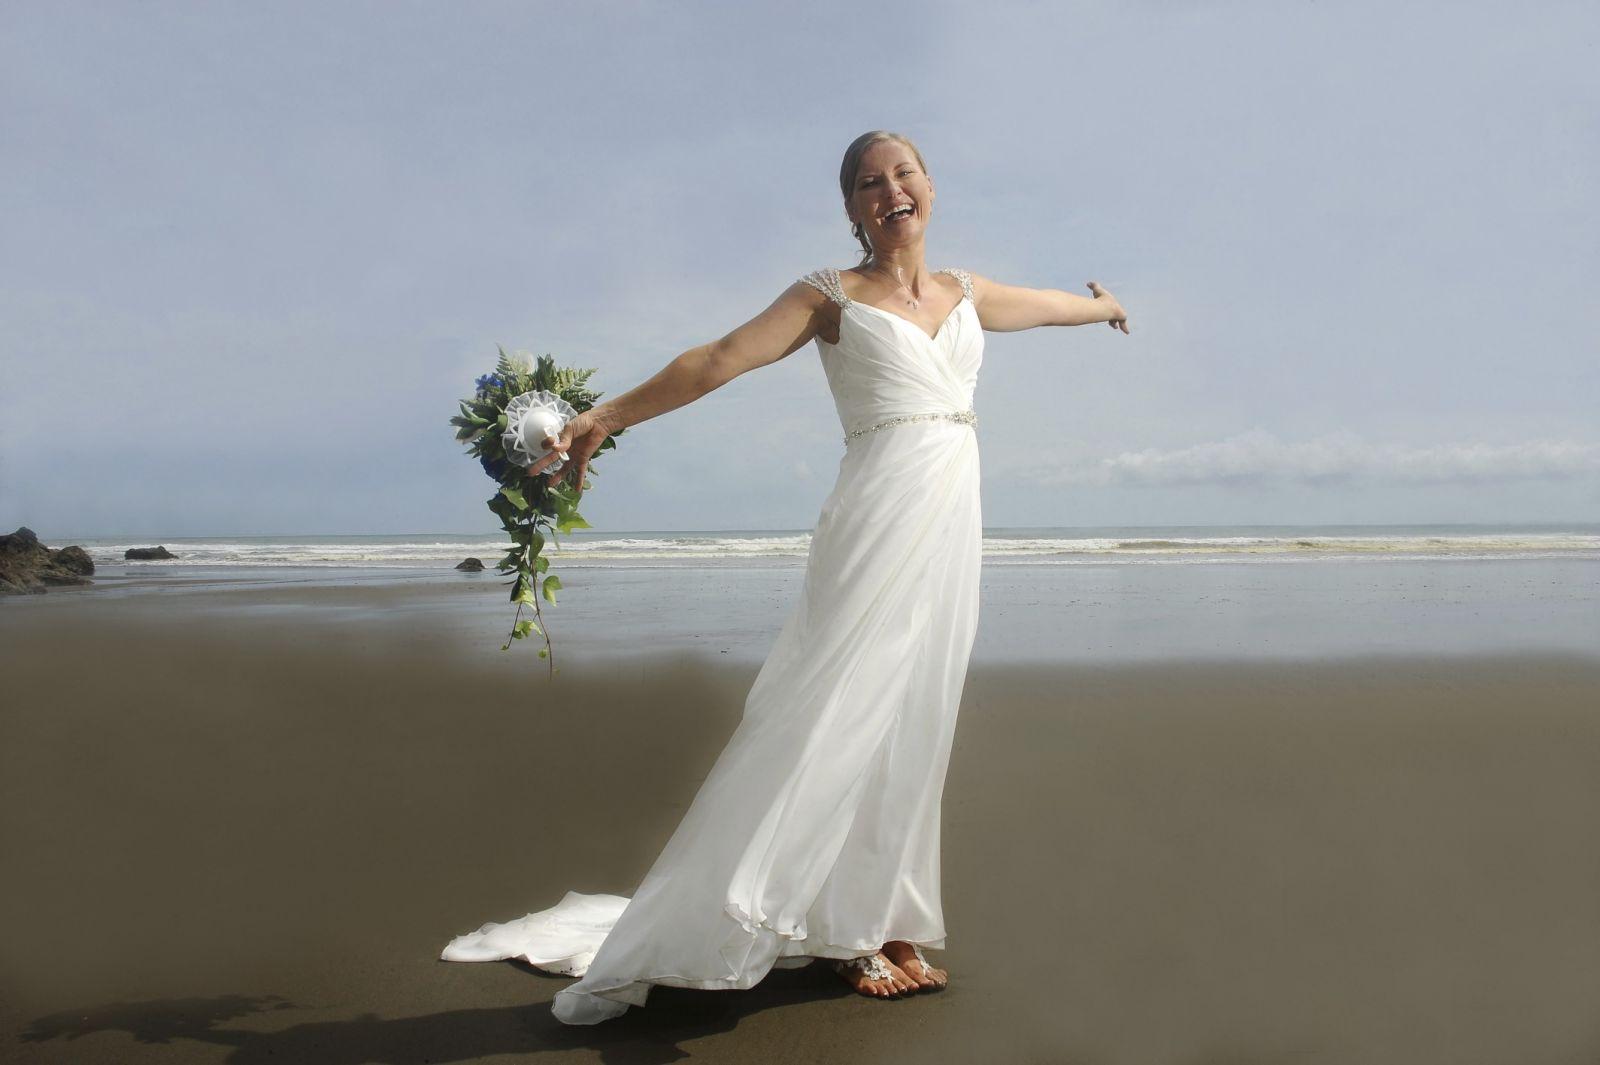 Beach wedding destination